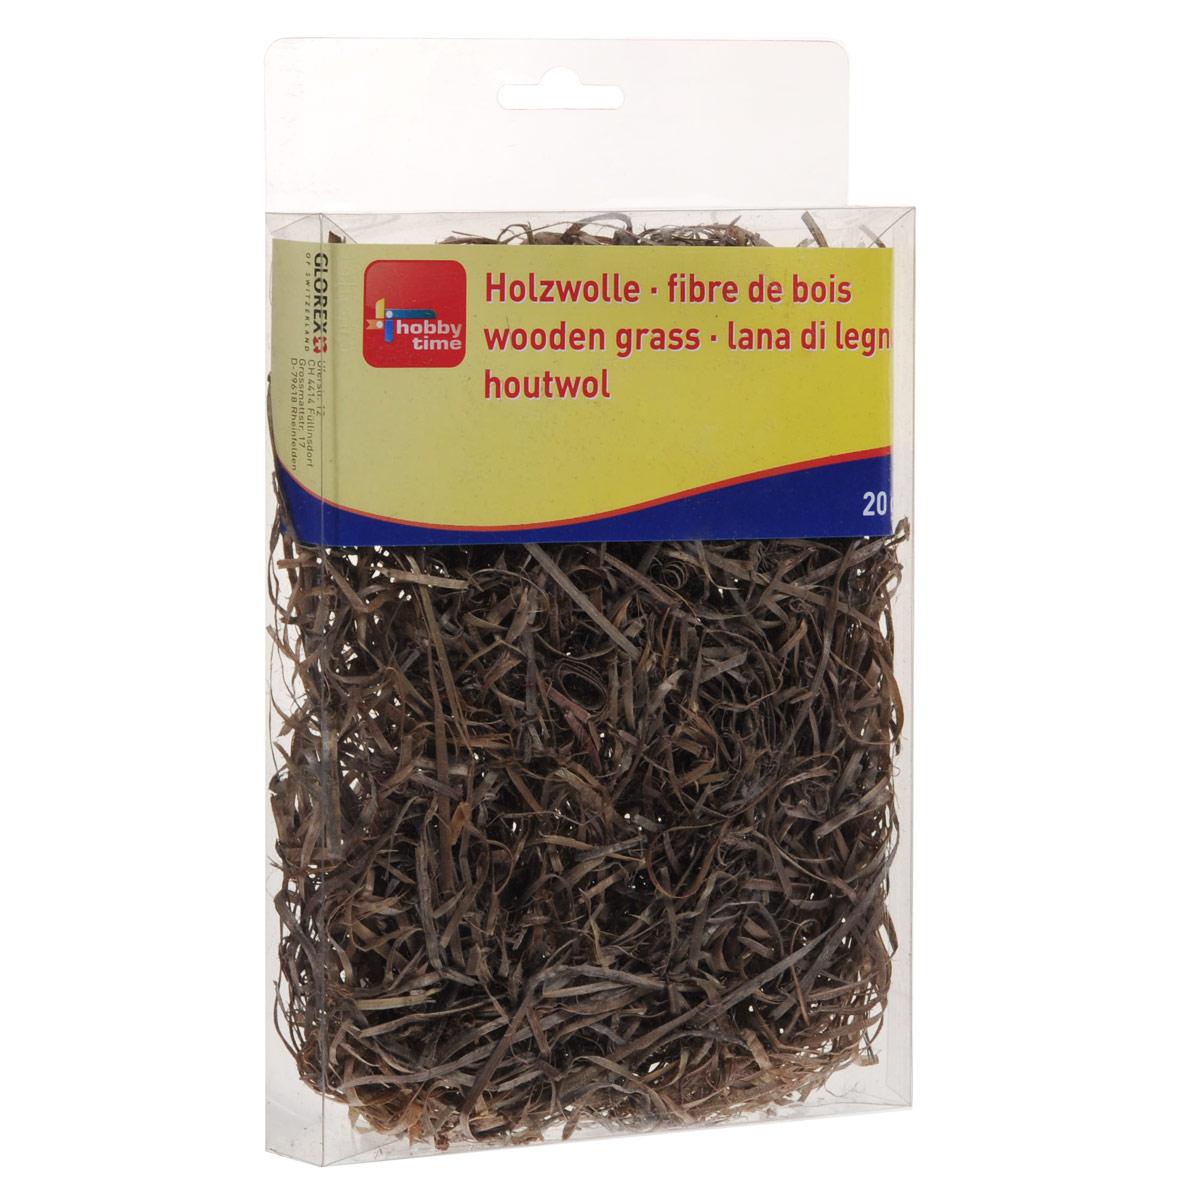 Древесная стружка Hobby Time, цвет: серый (08), 20 г7706397_08Древесная стружка Hobby Time является оригинальным натуральным материалом для декора, флористики и упаковки подарков. Естественная пластичная древесина из лиственных пород деревьев (без смолы) при небольшом увлажнении становится податливым материалом, которому можно придать необходимую форму. Тонкая стружка, сухая, экологически чистая, специально подготовленная. Могут встречаться волокна более темного или серого цвета - это нормально для натуральной древесины, которая со временем темнеет при контакте с воздухом.Стружка окрашивается в различные цвета и часто применяется в ландшафтном дизайне, изготовлении цветочных композиций, подарочных корзин, декорировании цветочных горшков, рамок, стен, в скрапбукинге, для упаковки хрупких предметов и много другого.Такой материал можно комбинировать с различными аксессуарами, как с природными - веточки, шишки, скорлупа, кора, перья так и с искусственными - стразы, бисер, бусины. Уникальная токая структура волокон позволят создавать новые формы. Вес: 20 г.